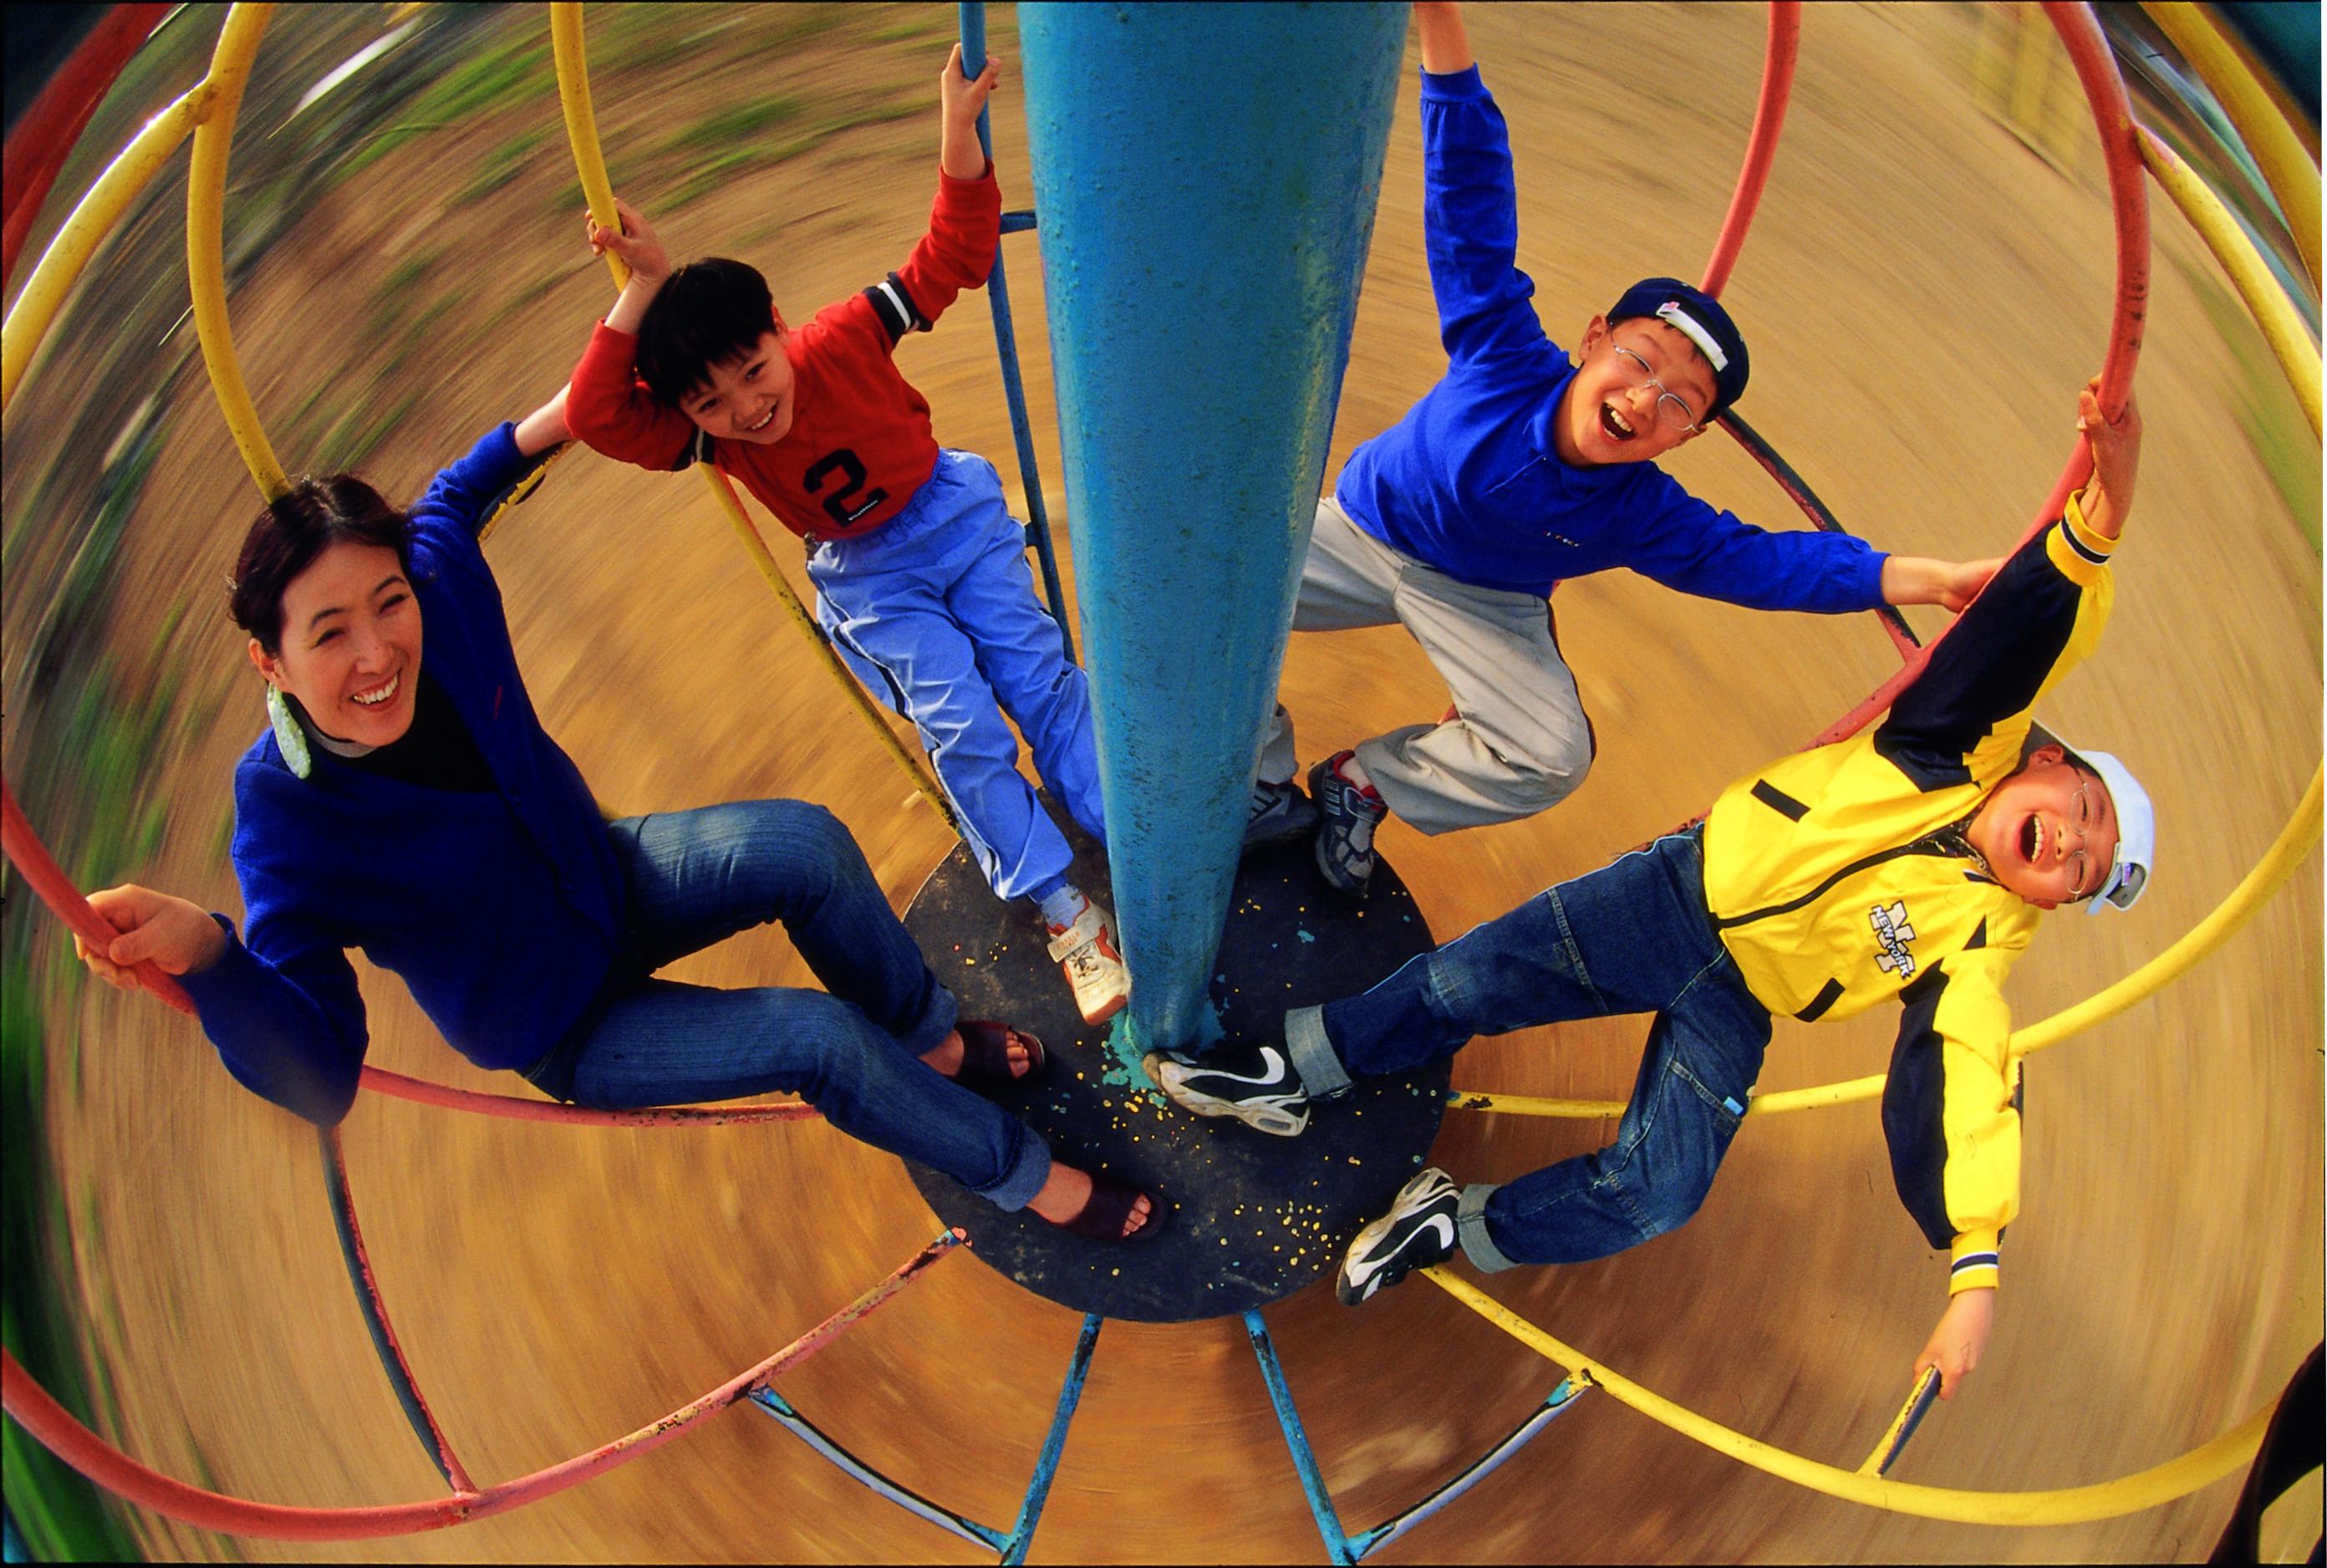 철로 만든 놀이기구를 타는 어른과 아이들의 모습